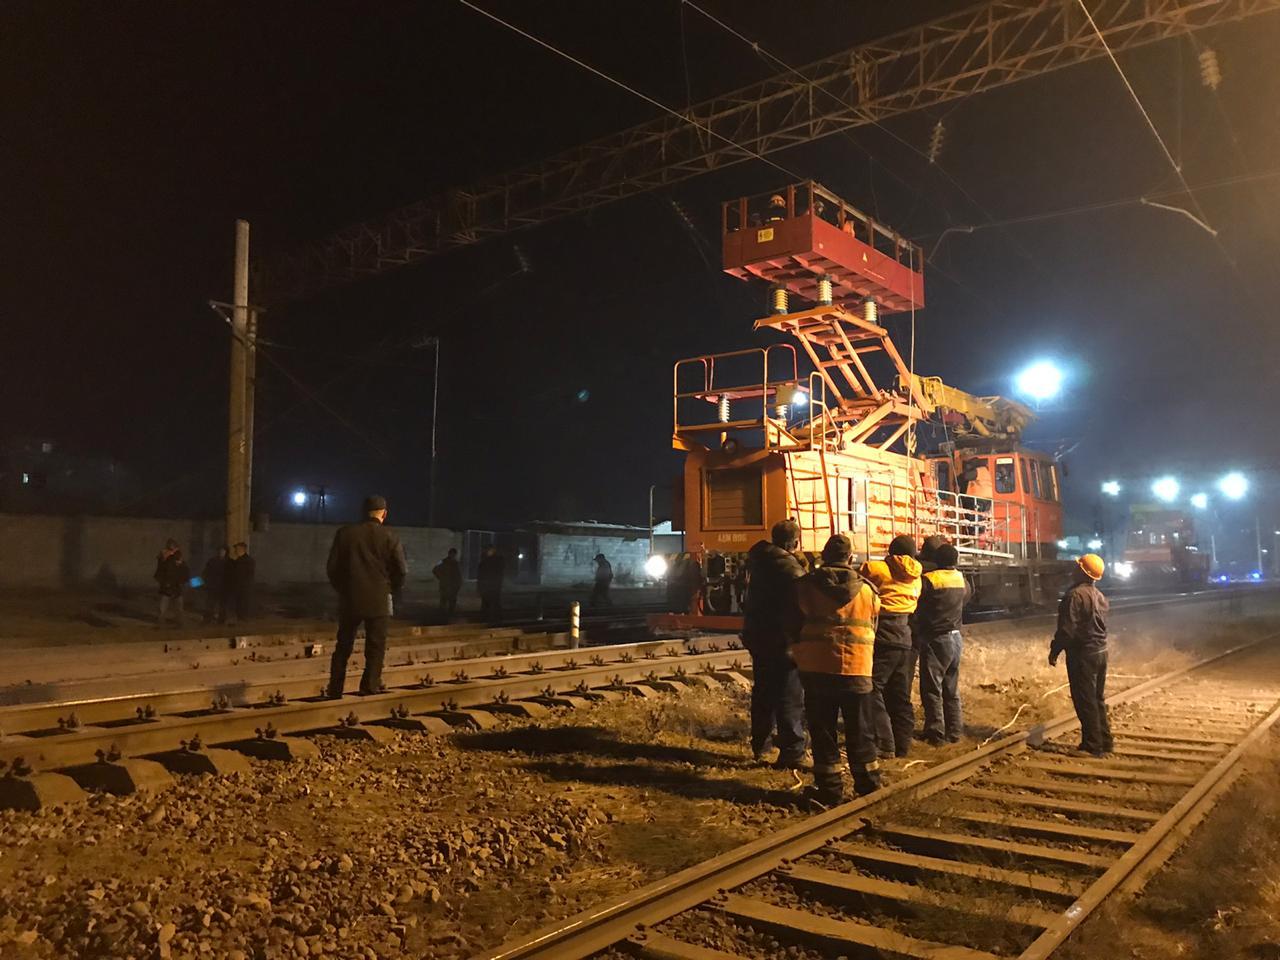 В Шымкенте на железнодорожной станции произошел сход 13 вагонов с опрокидыванием